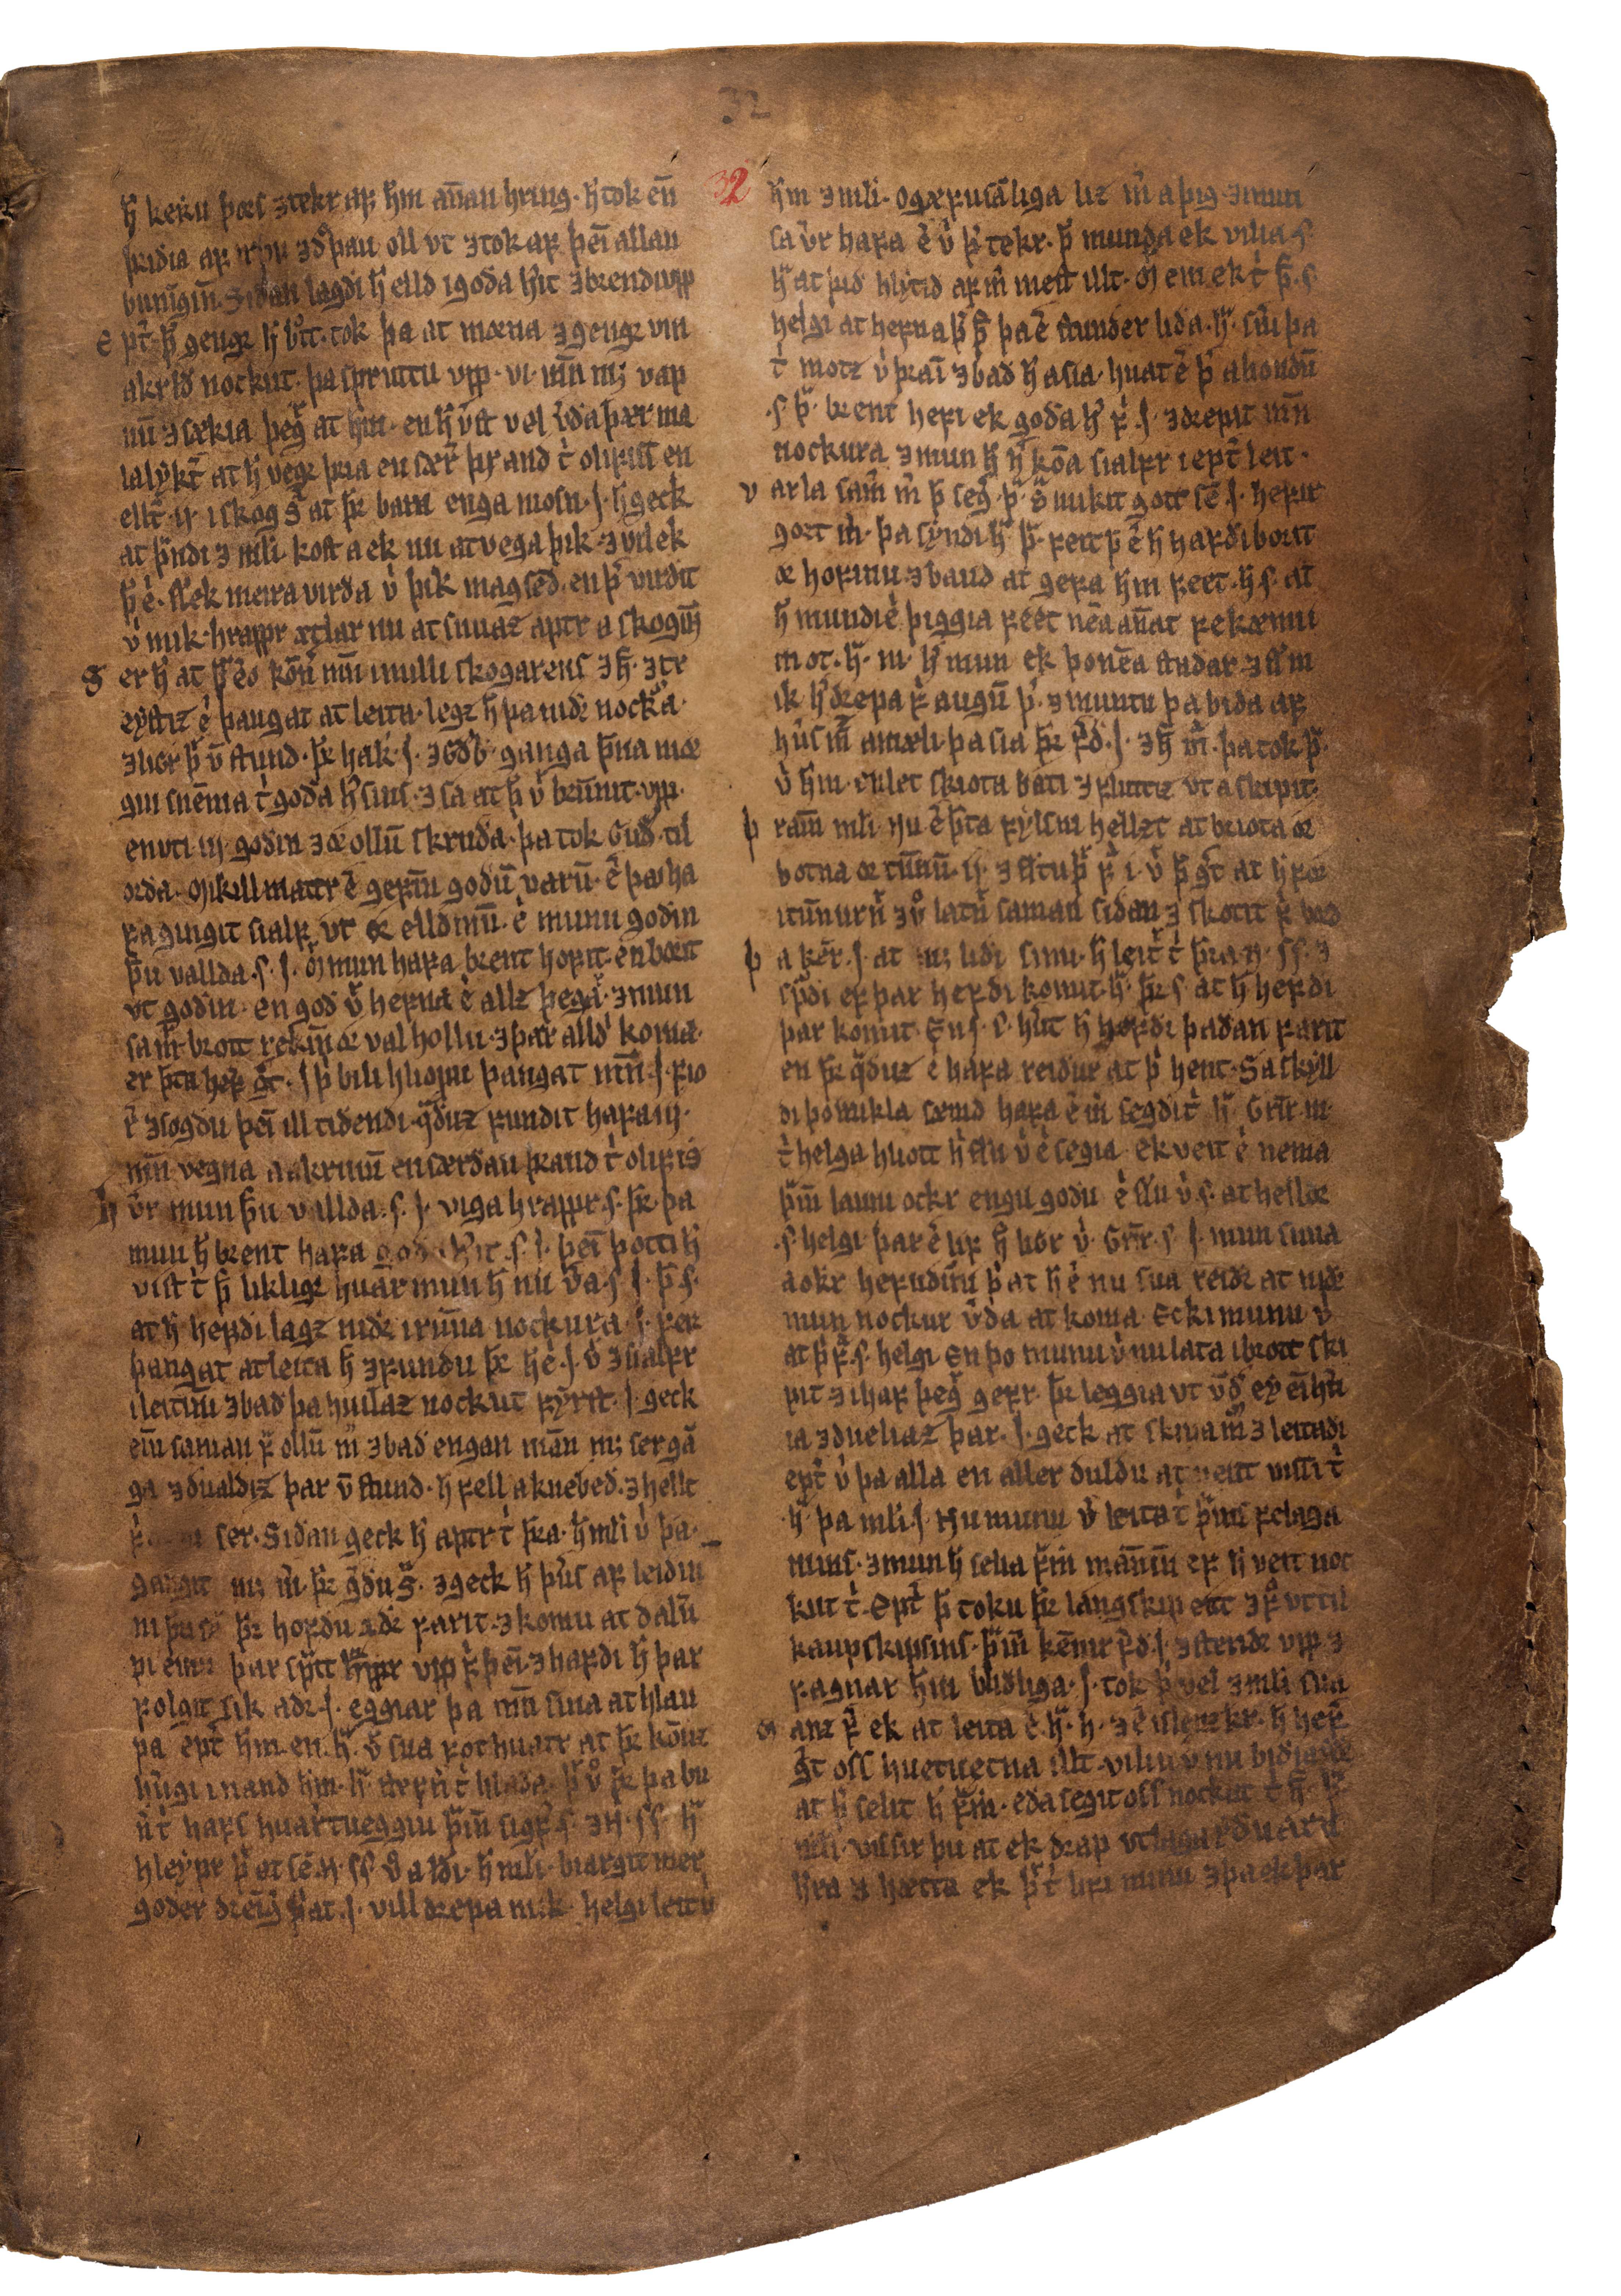 AM 132 fol - 32r